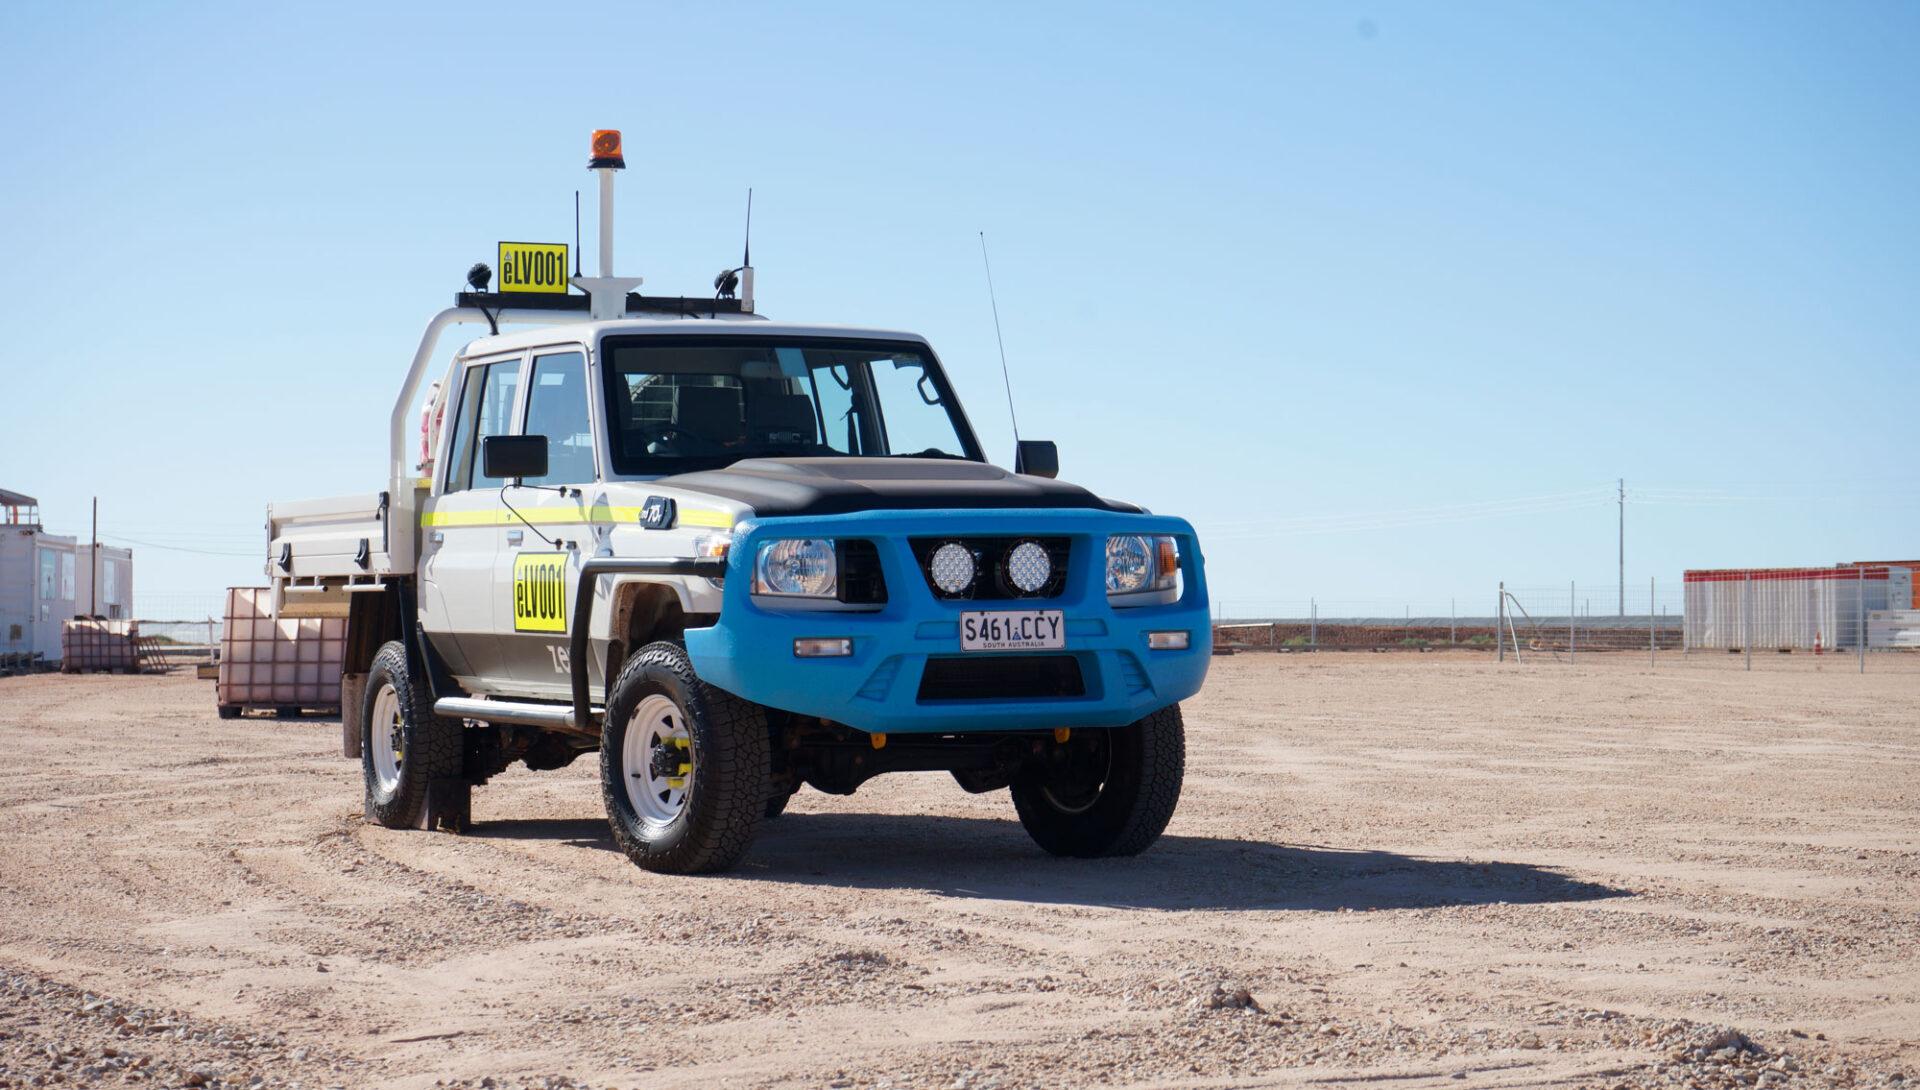 Zero emissions LandCruiser battery electric mining 4x4 light vehicle